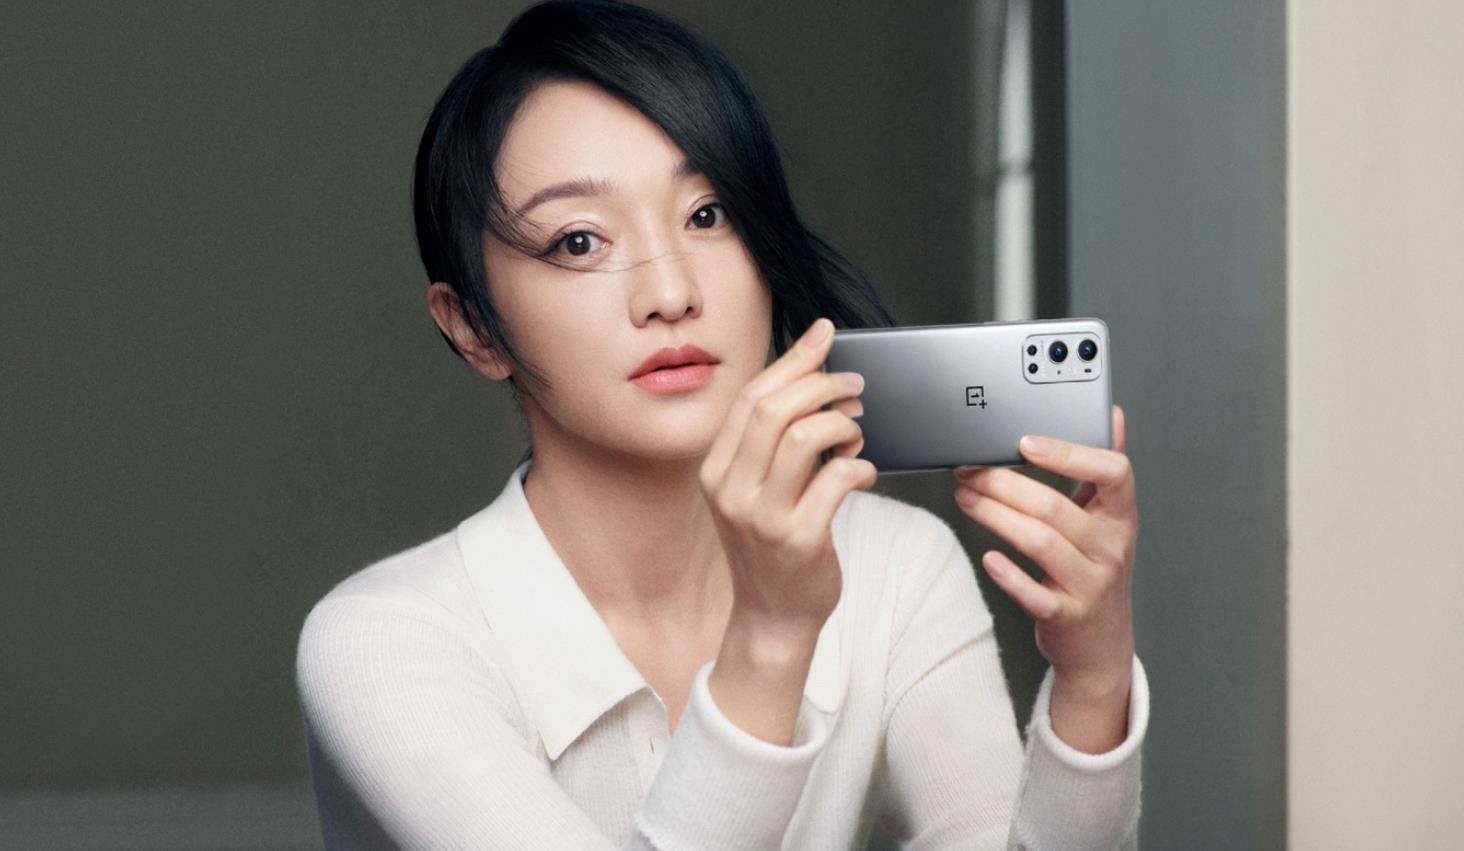 原创      dnf盗号都盗什么东西       周迅、胡歌亲情代言一加OnePlus9 Pro高品质手机,为国产科技助力